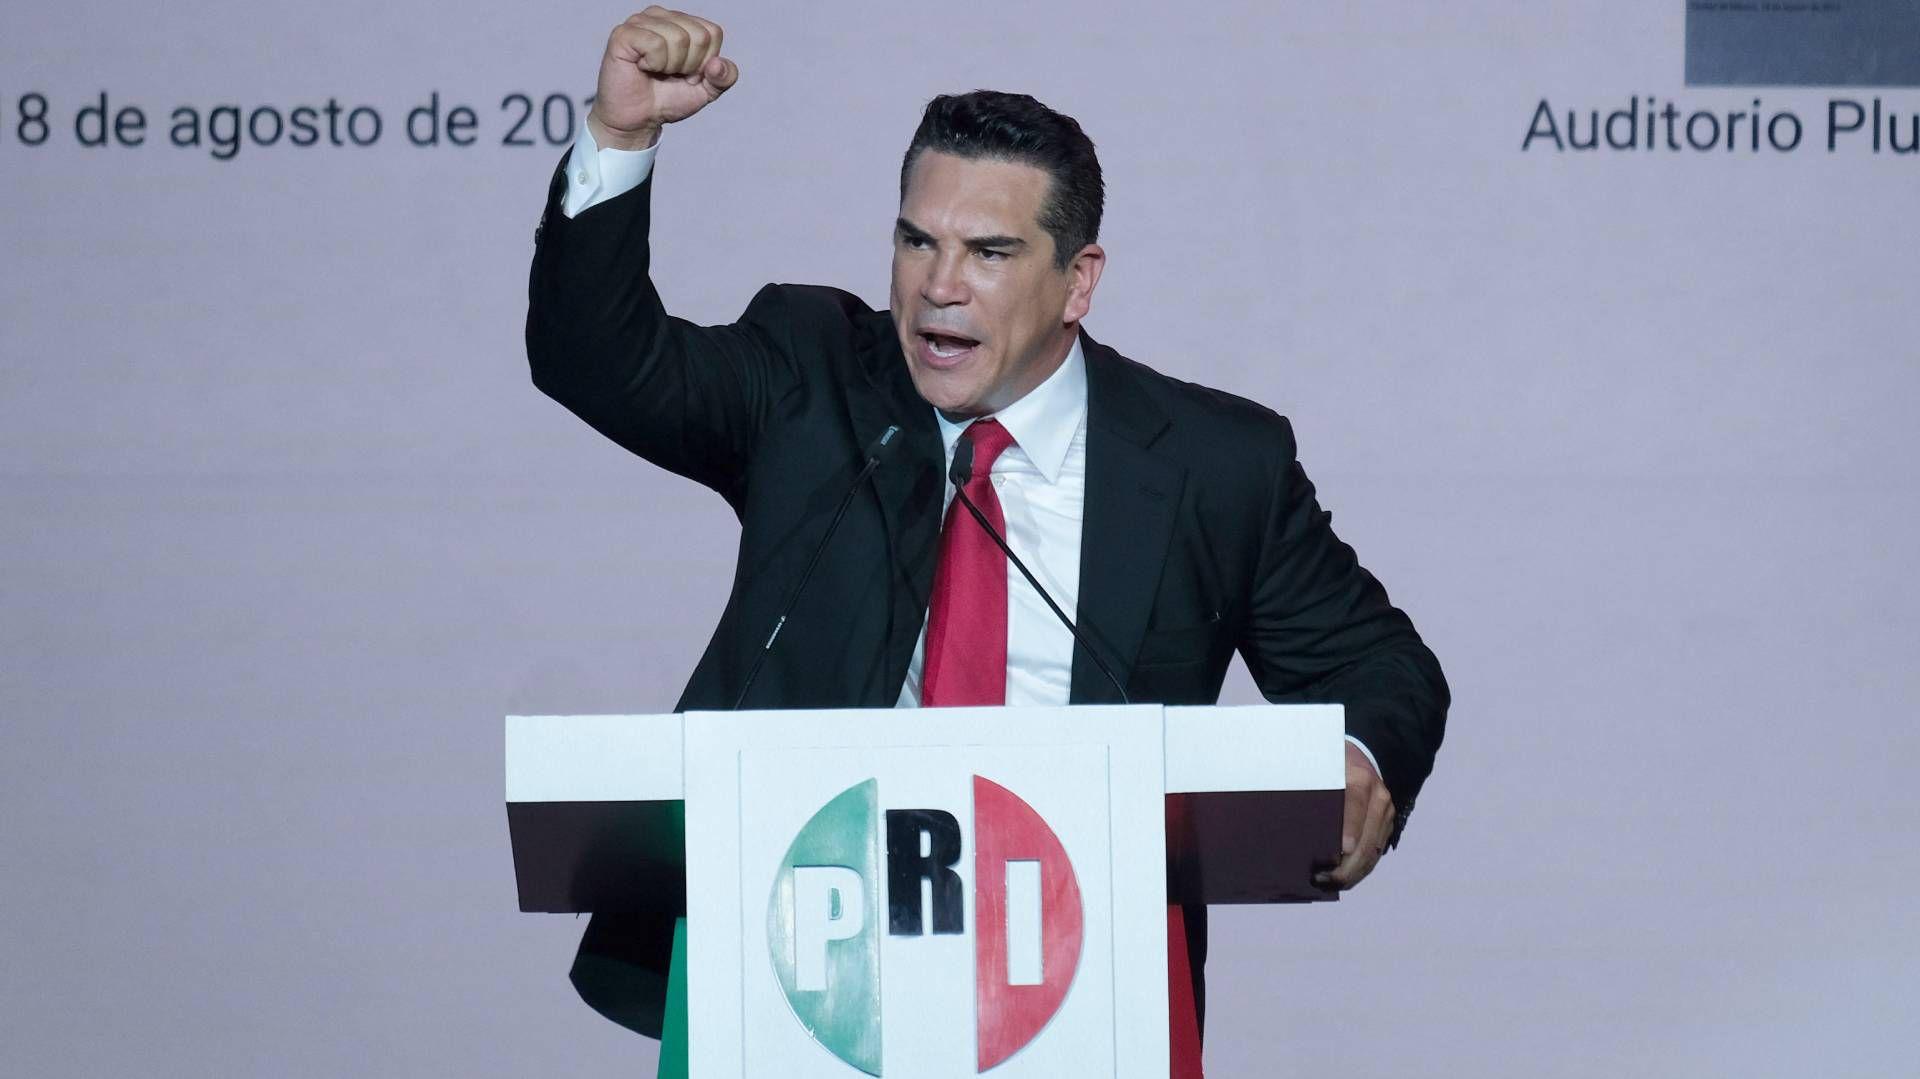 Alejandro Moreno, dirigente nacional del Partido Revolucionario Institucional, aparece en la lista de plurinominales  (Foto: Graciela López / Cuartoscuro)